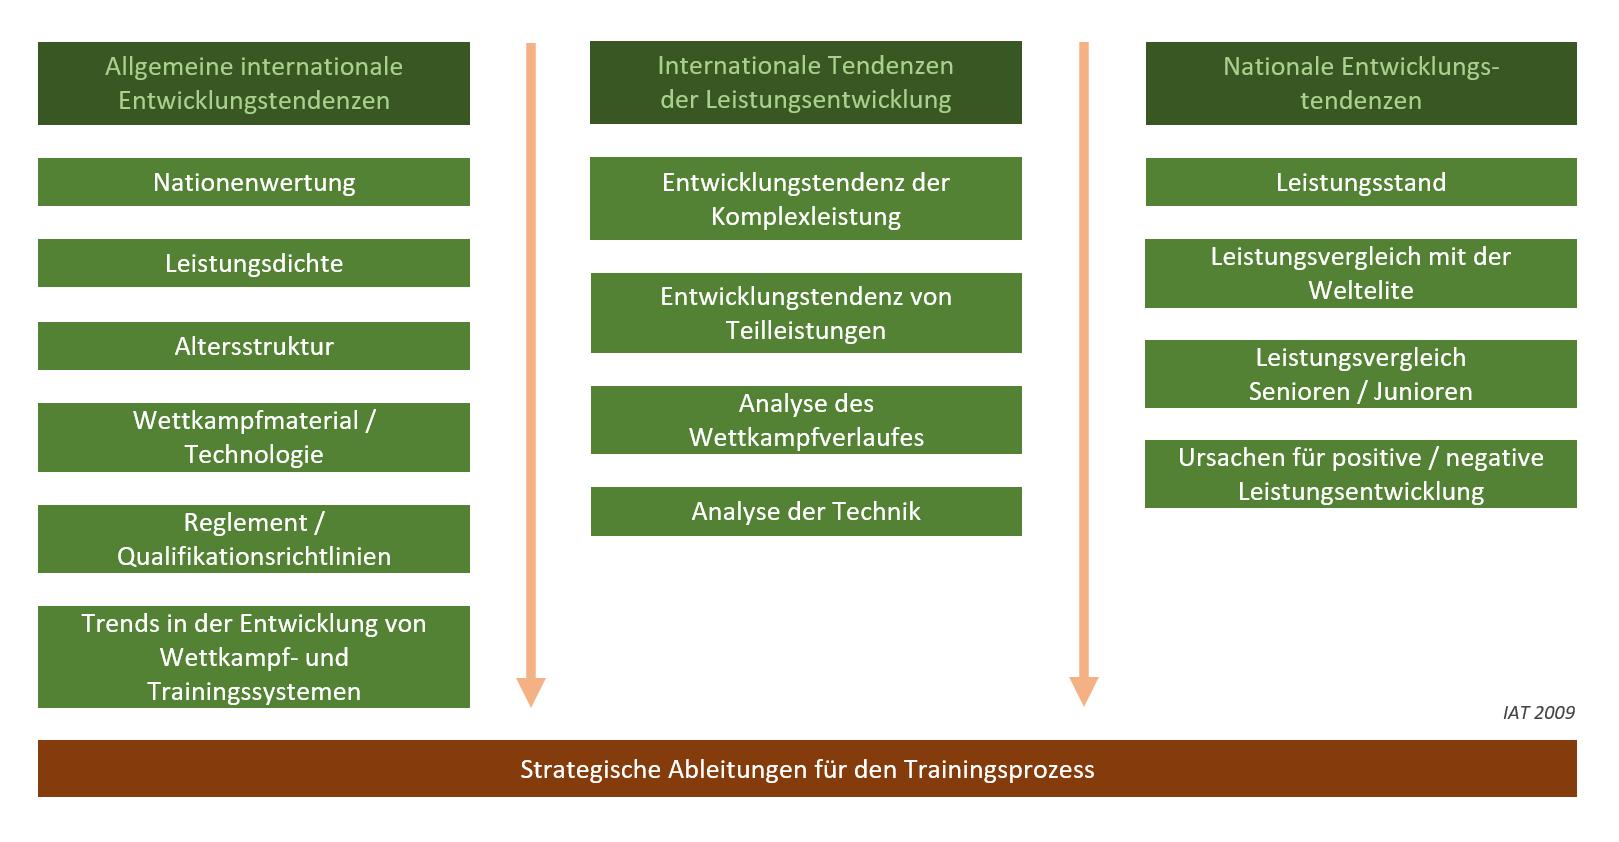 Grafik: Detail der Inhalte der Weltstandanalysie.